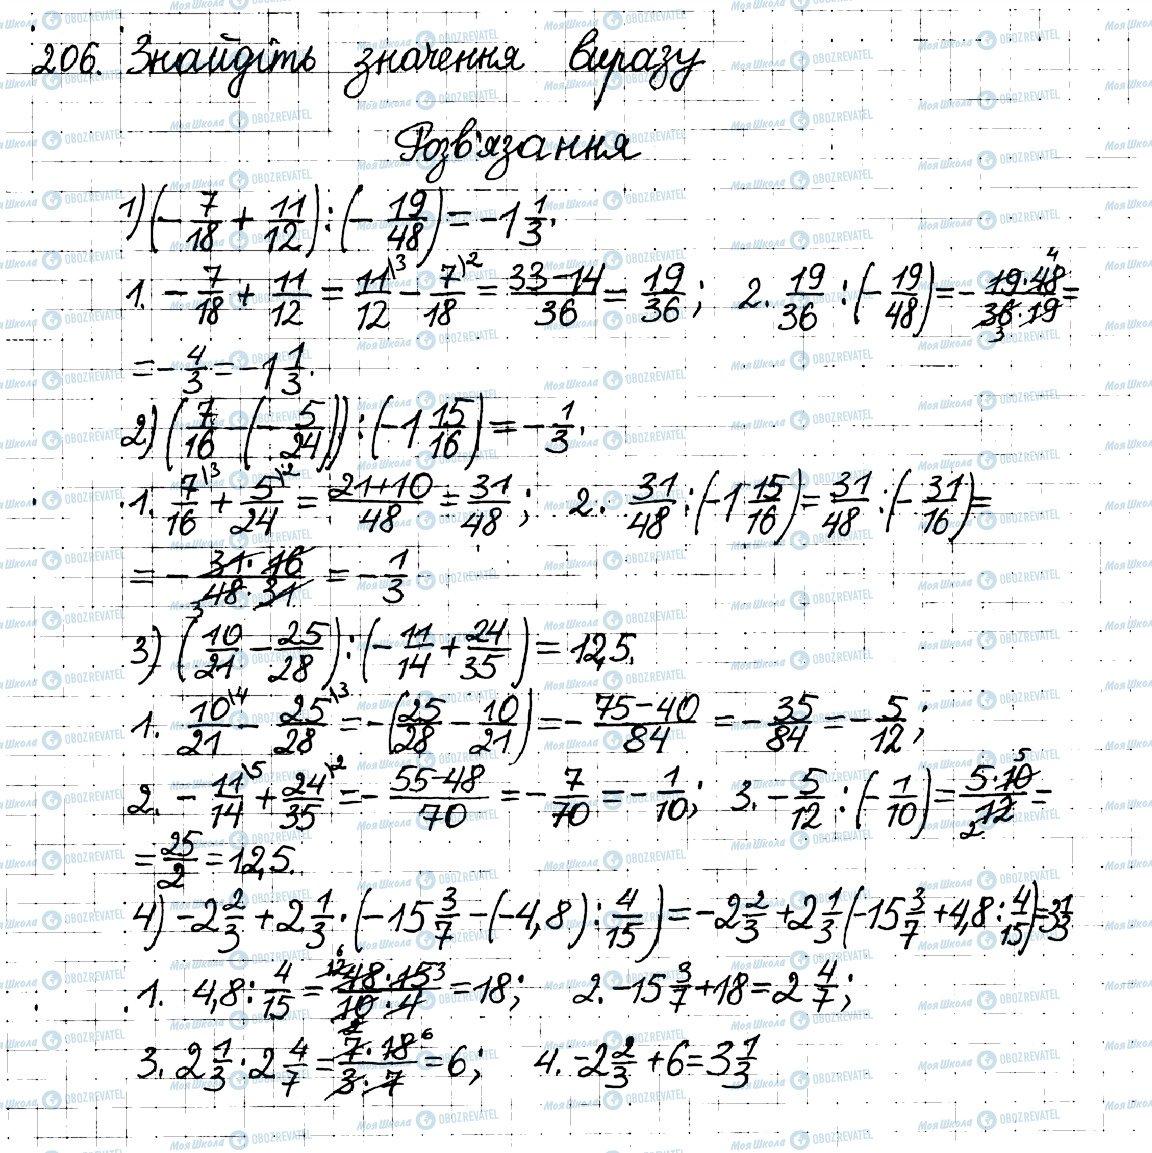 ГДЗ Математика 6 клас сторінка 206